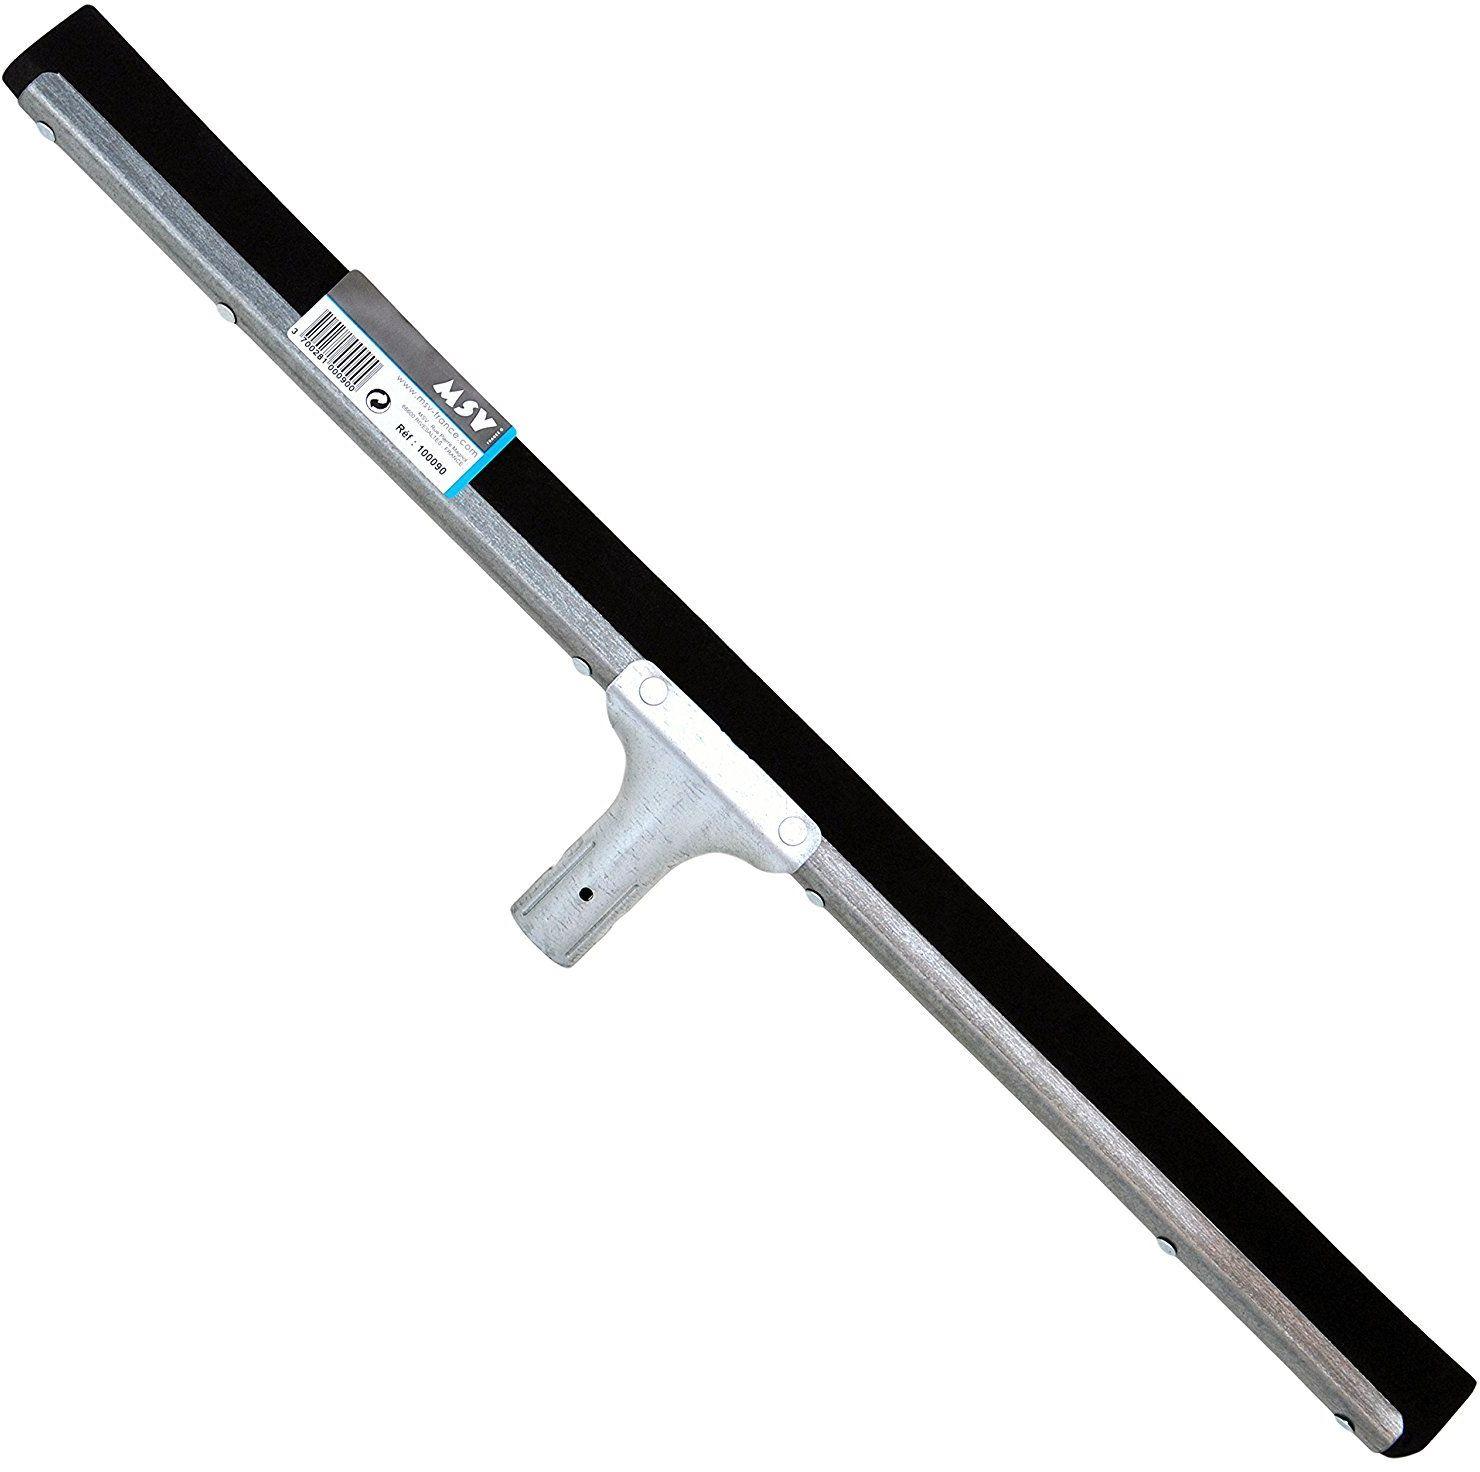 MSV wycieraczka podłogowa z metalu 60 cm, srebrna, 60 cm